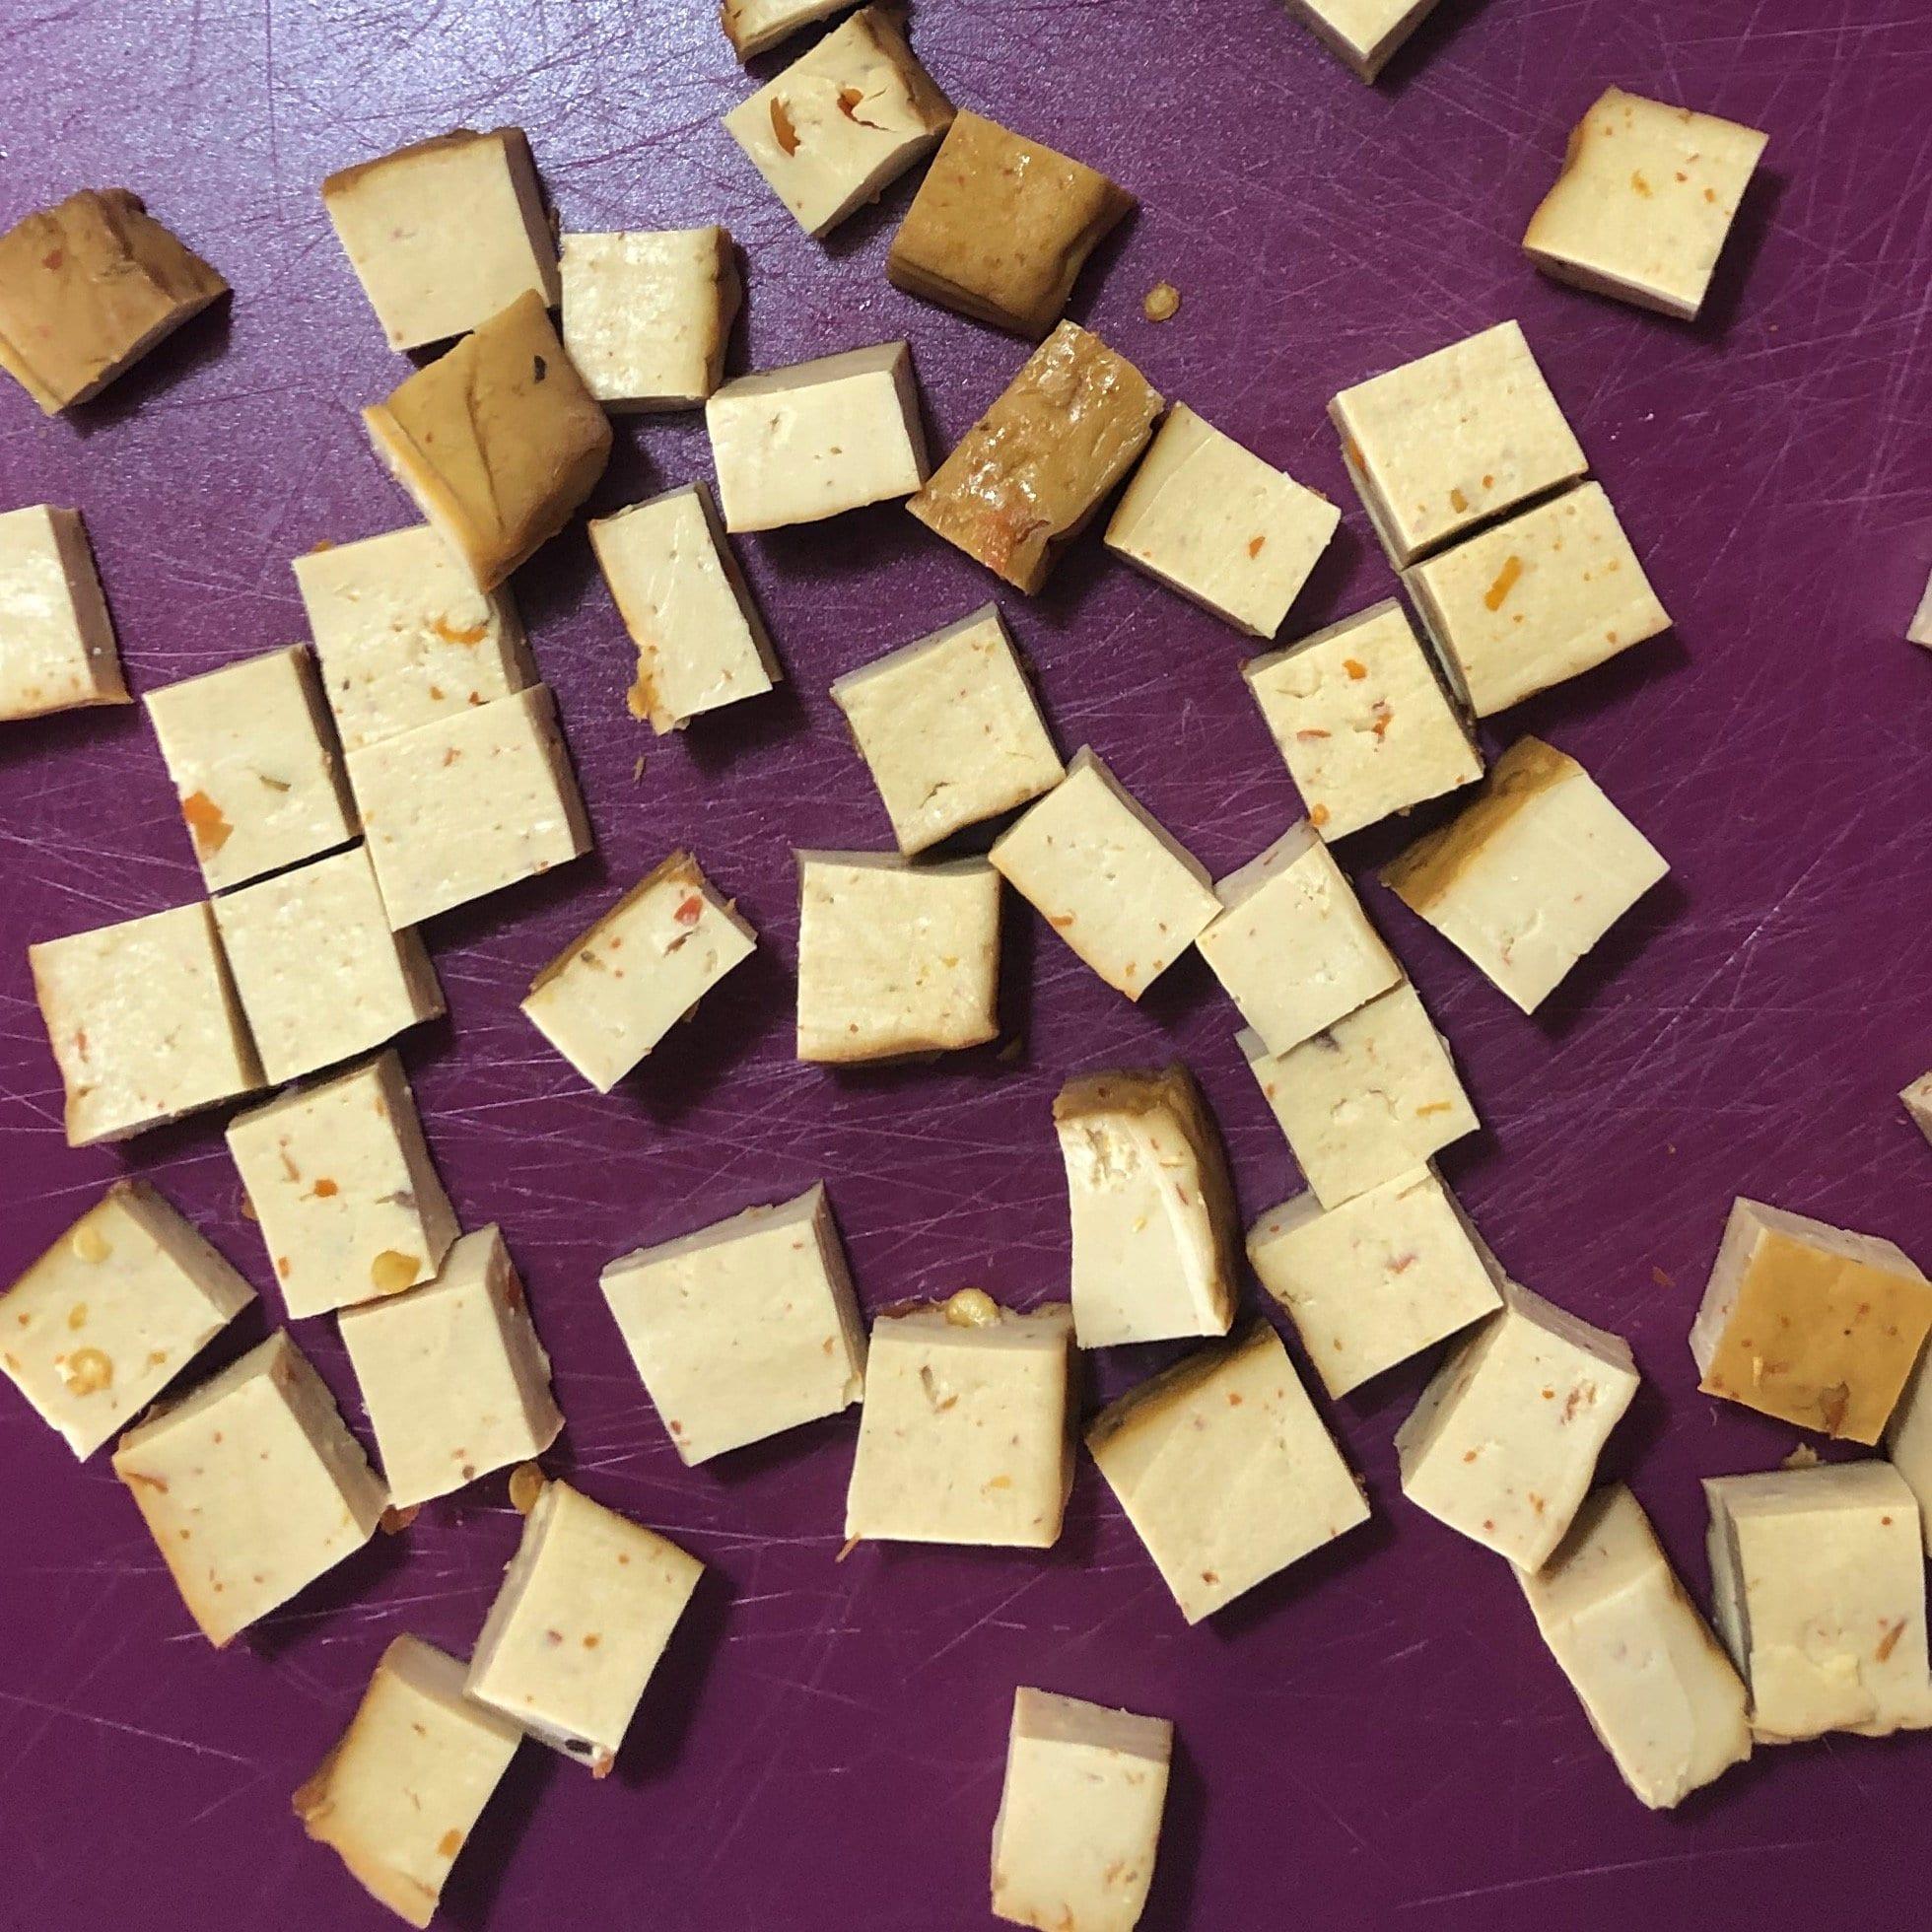 Soyganic sriracha tofu cubed